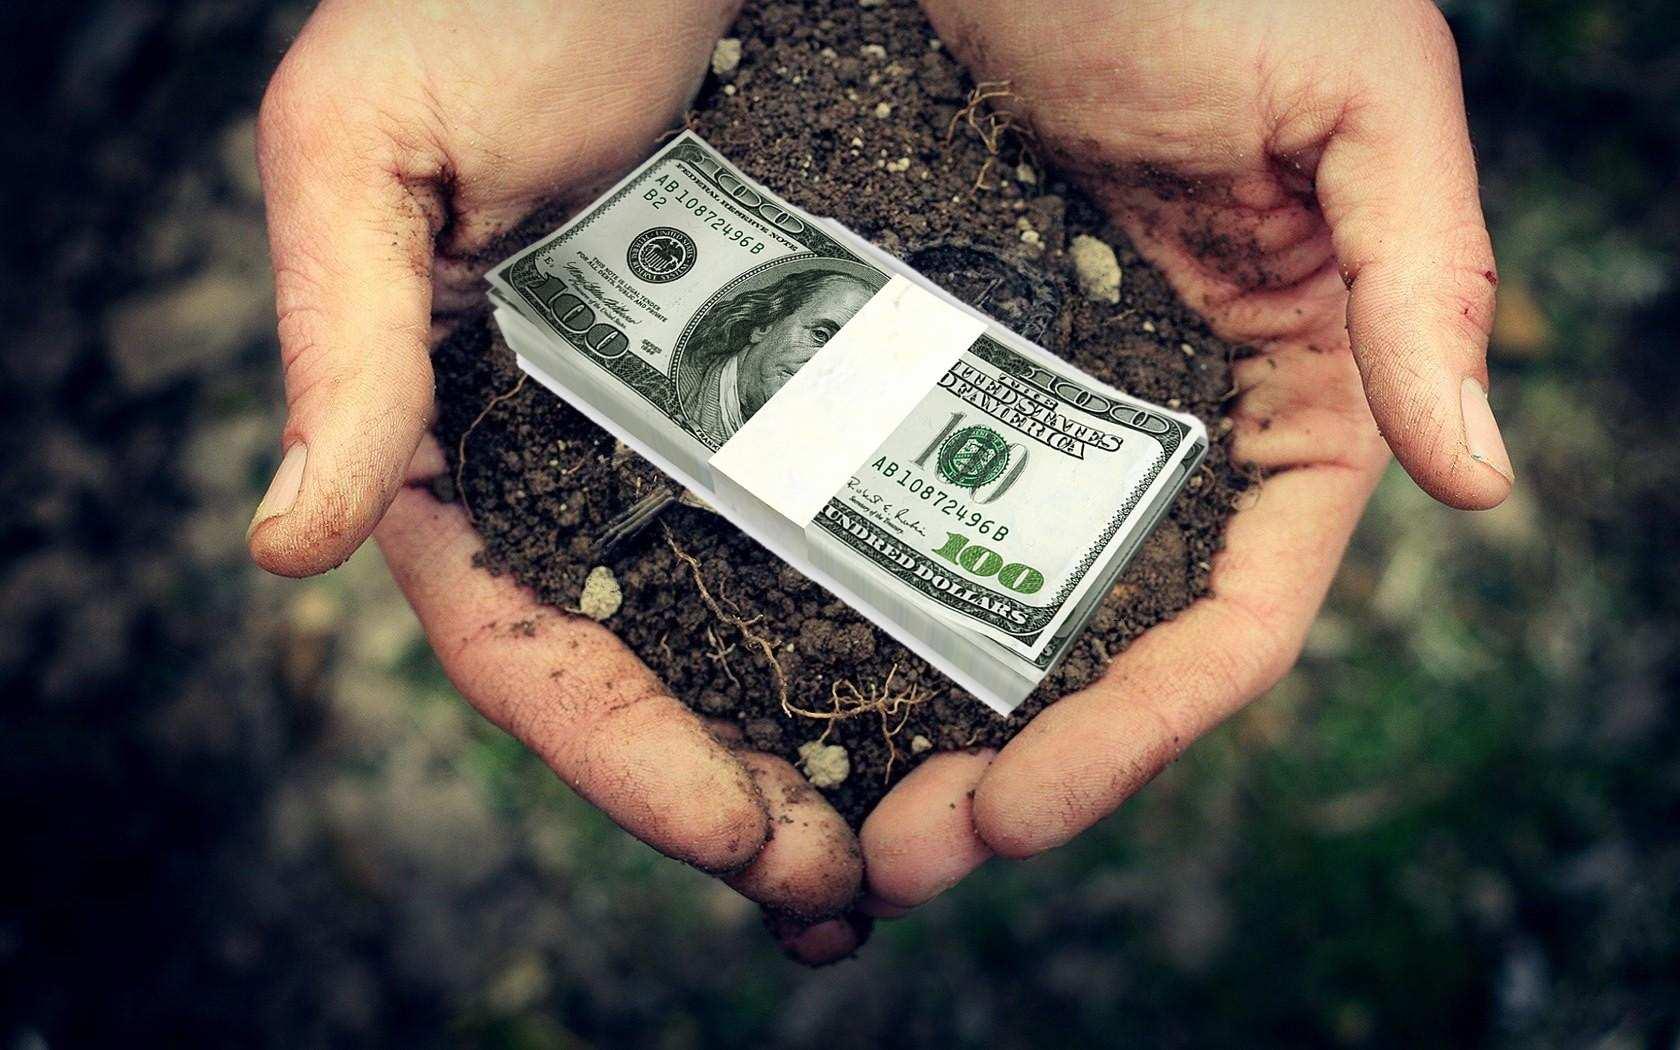 Выкупят всю страну? Украина потеряет колоссальный ресурс (ВИДЕО) | Русская весна